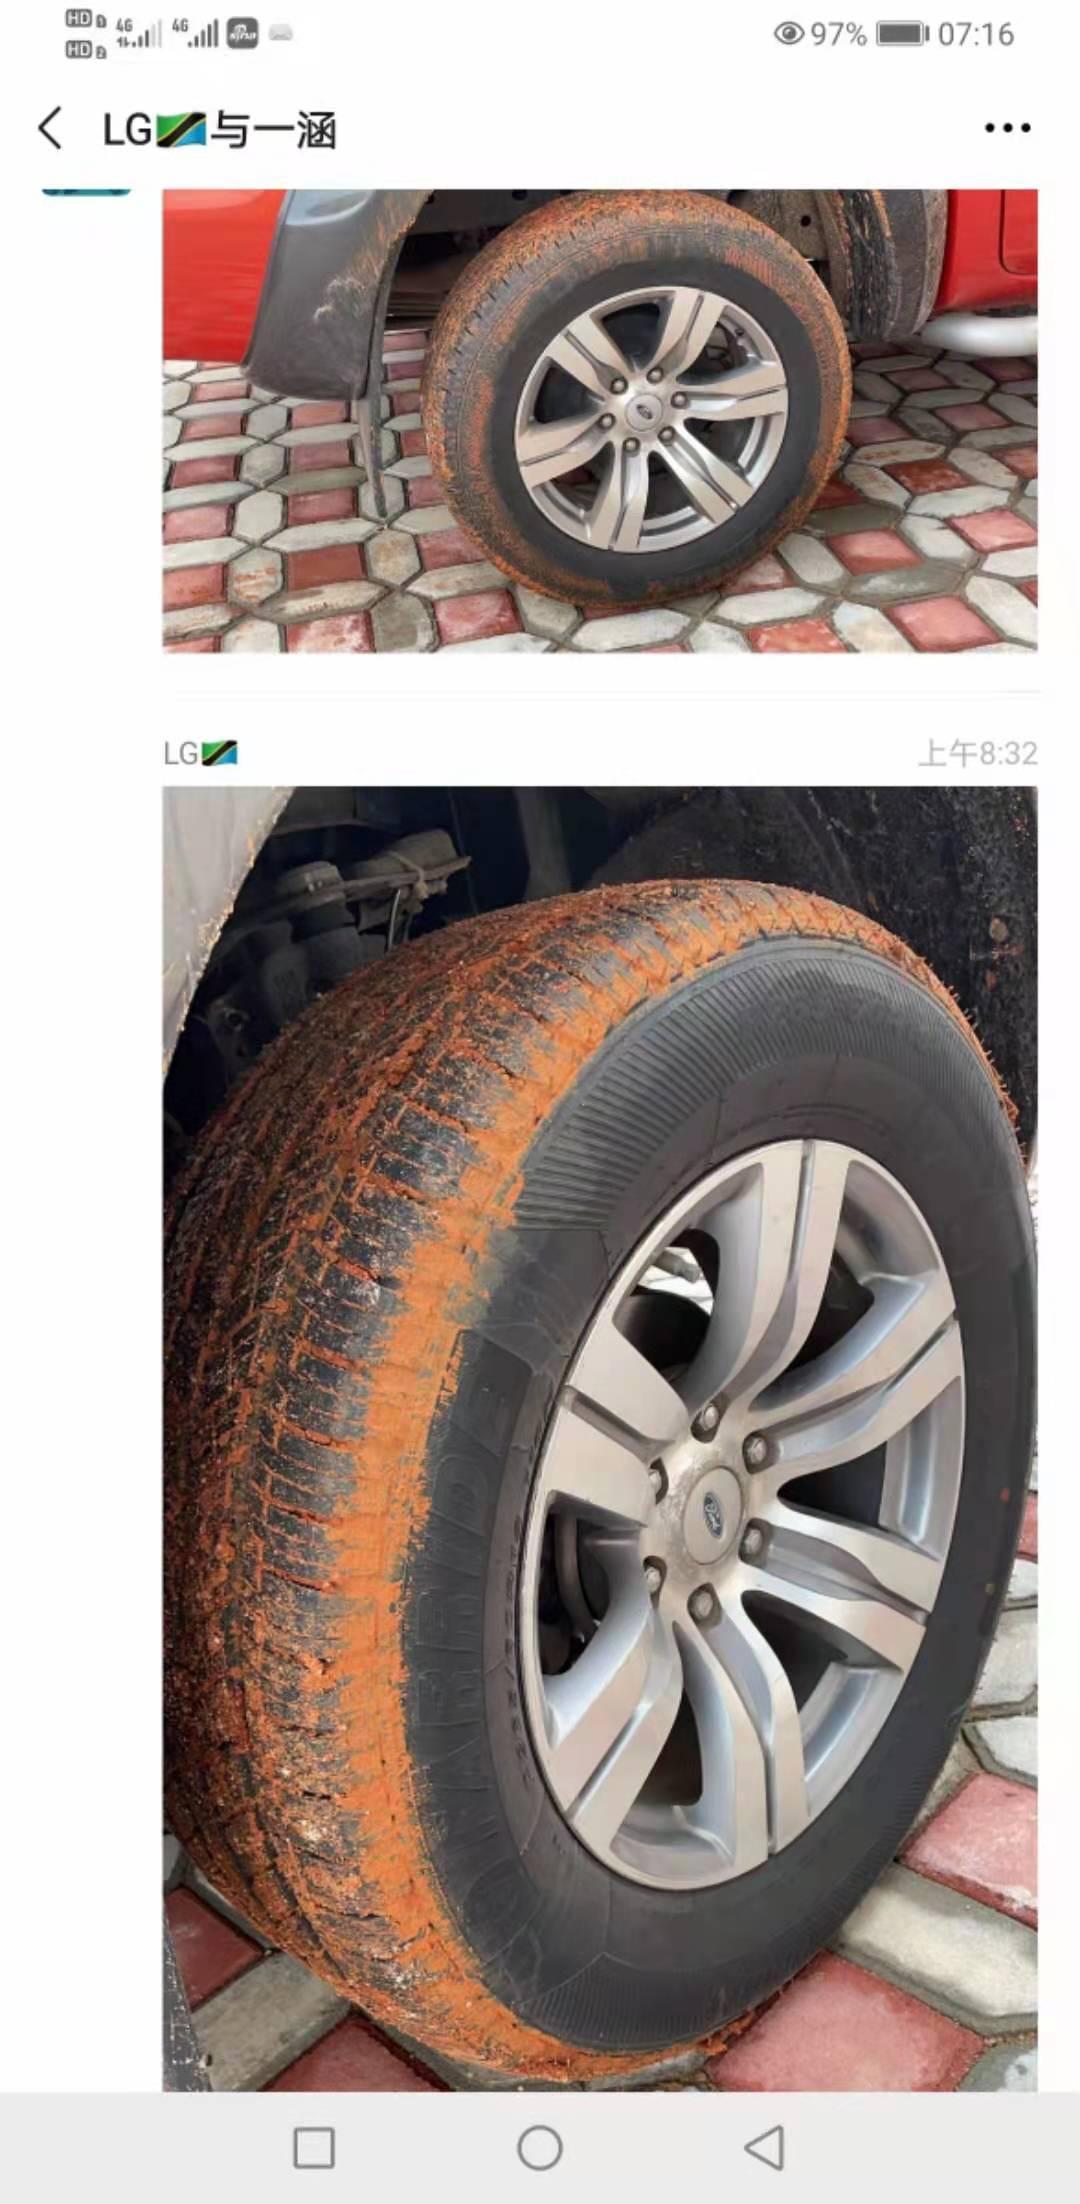 远征非洲,中国橡胶狼品牌轮胎广受好评,凸显安全轮胎的本色